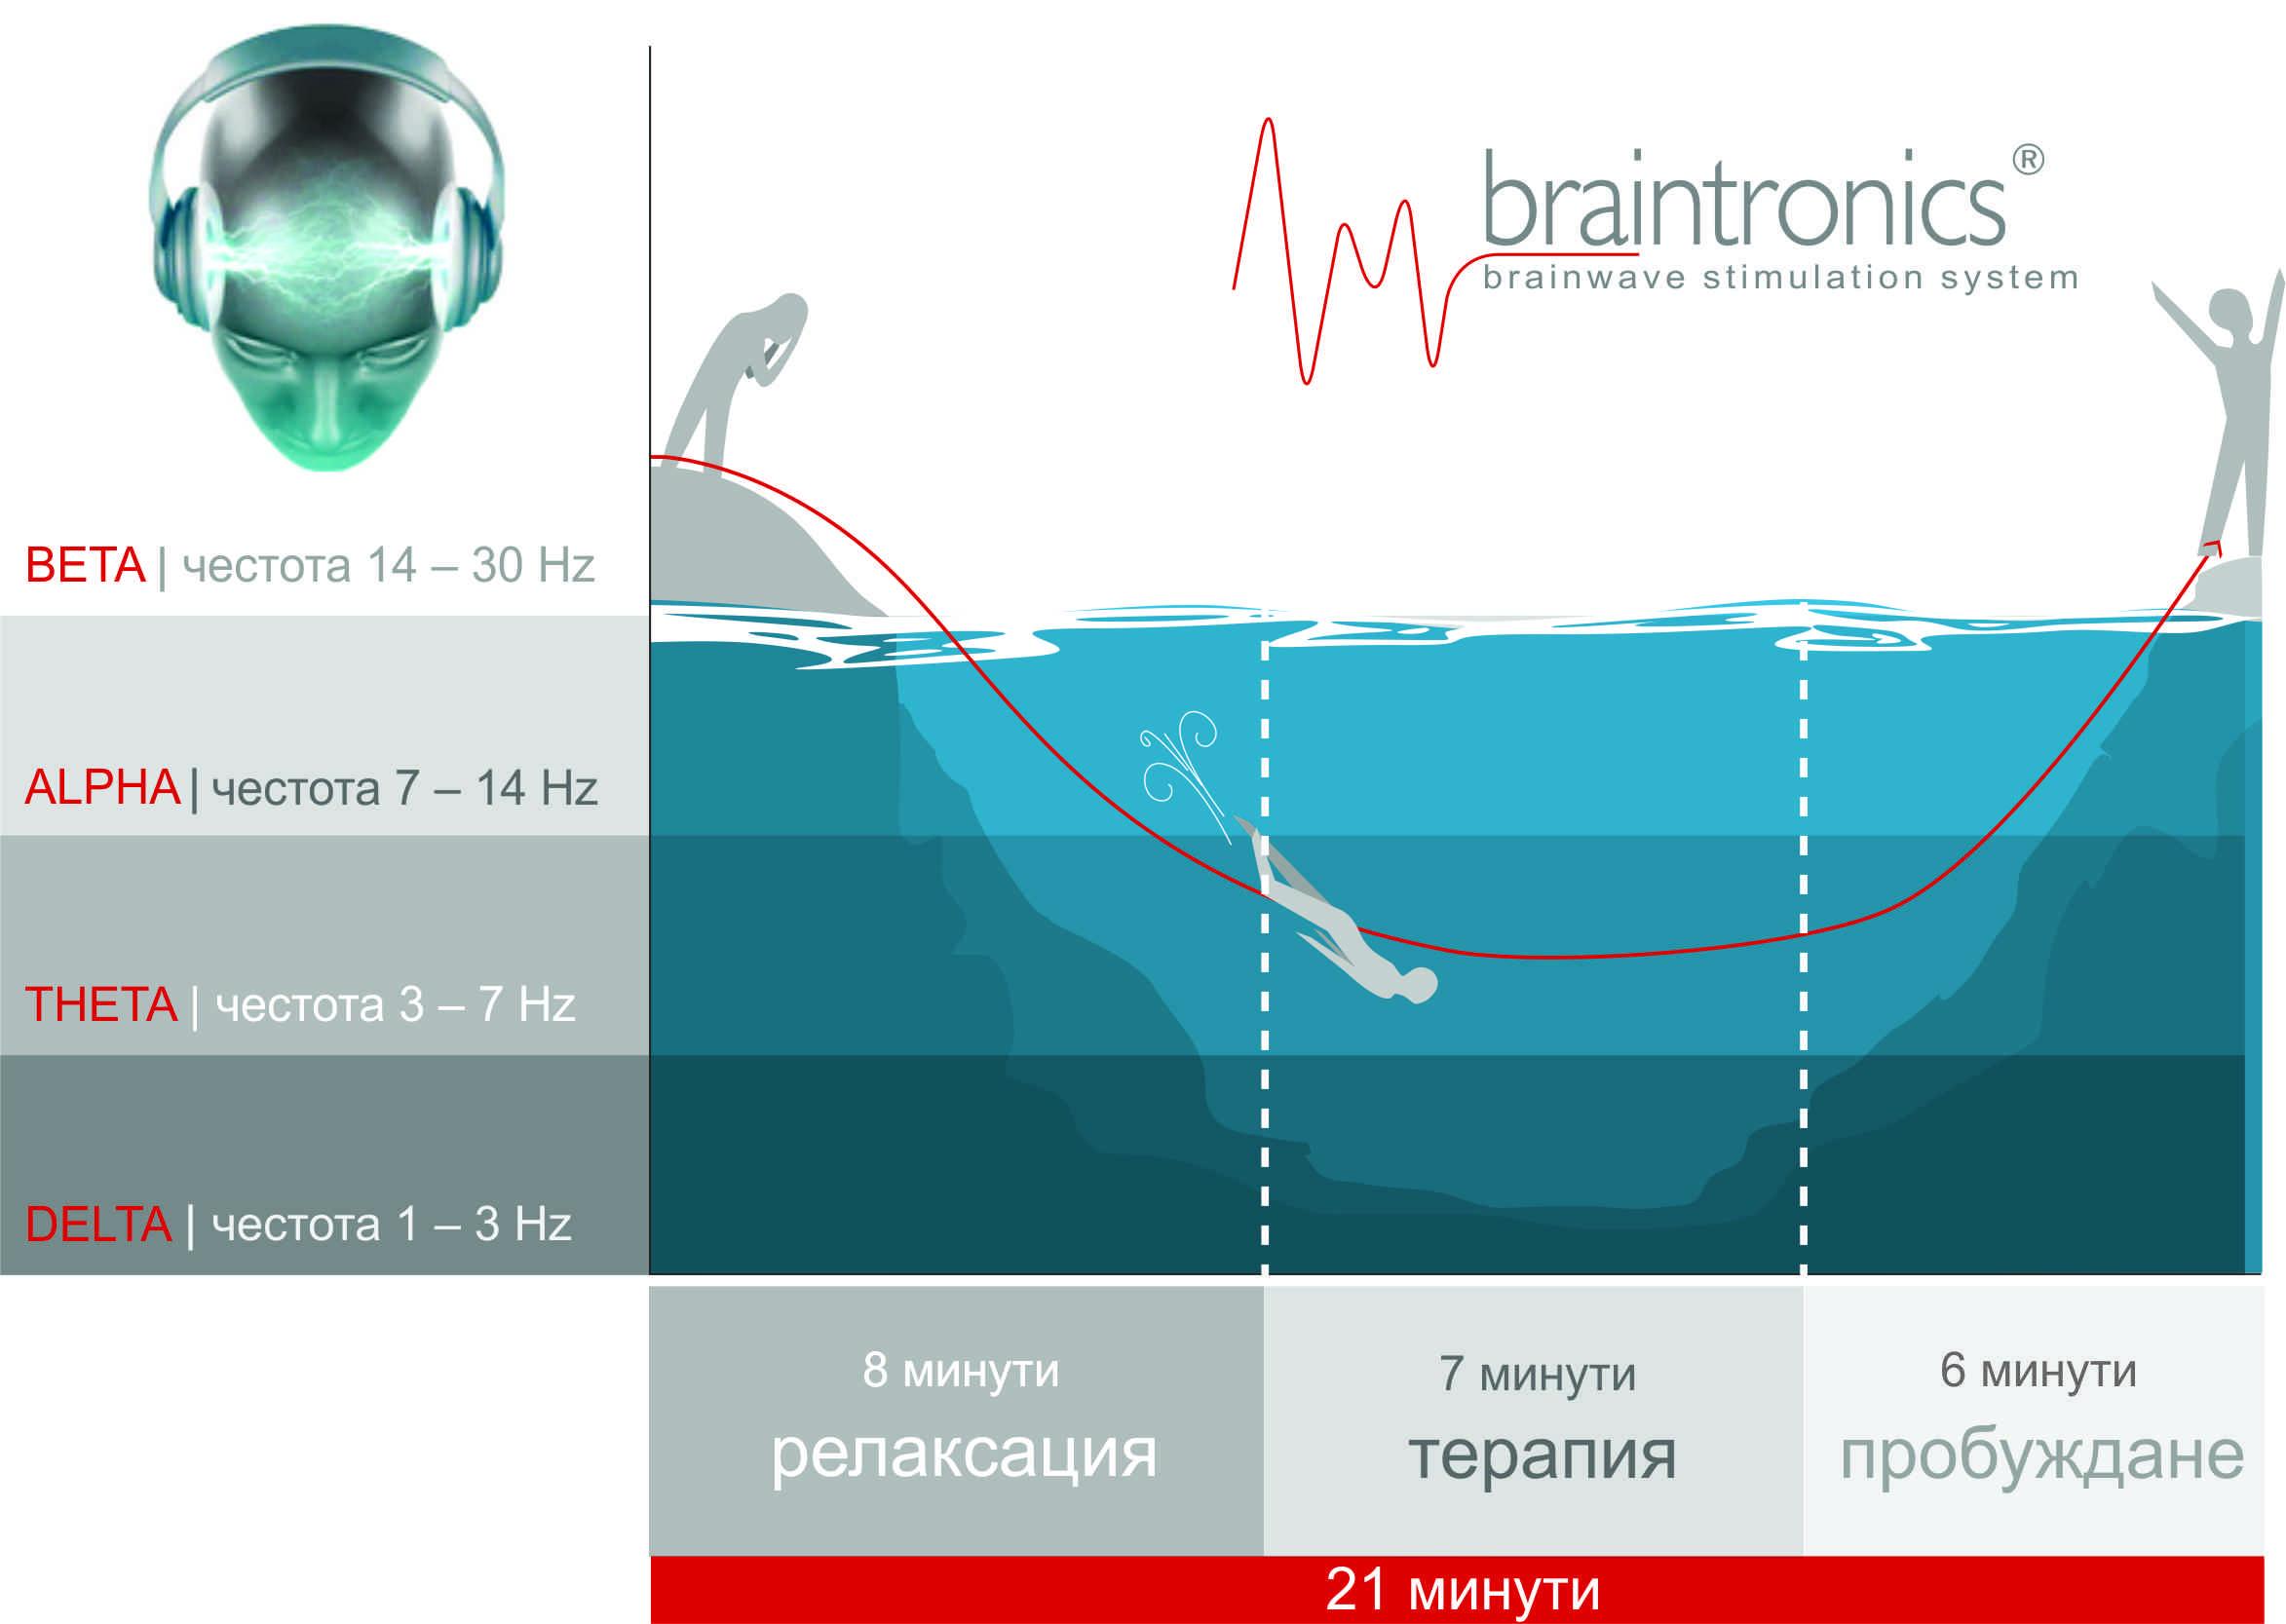 Главната цел на Braintronics системата е да синхронизира ефективно мозъчните вълни до желаното състояние на мозъчна активност.